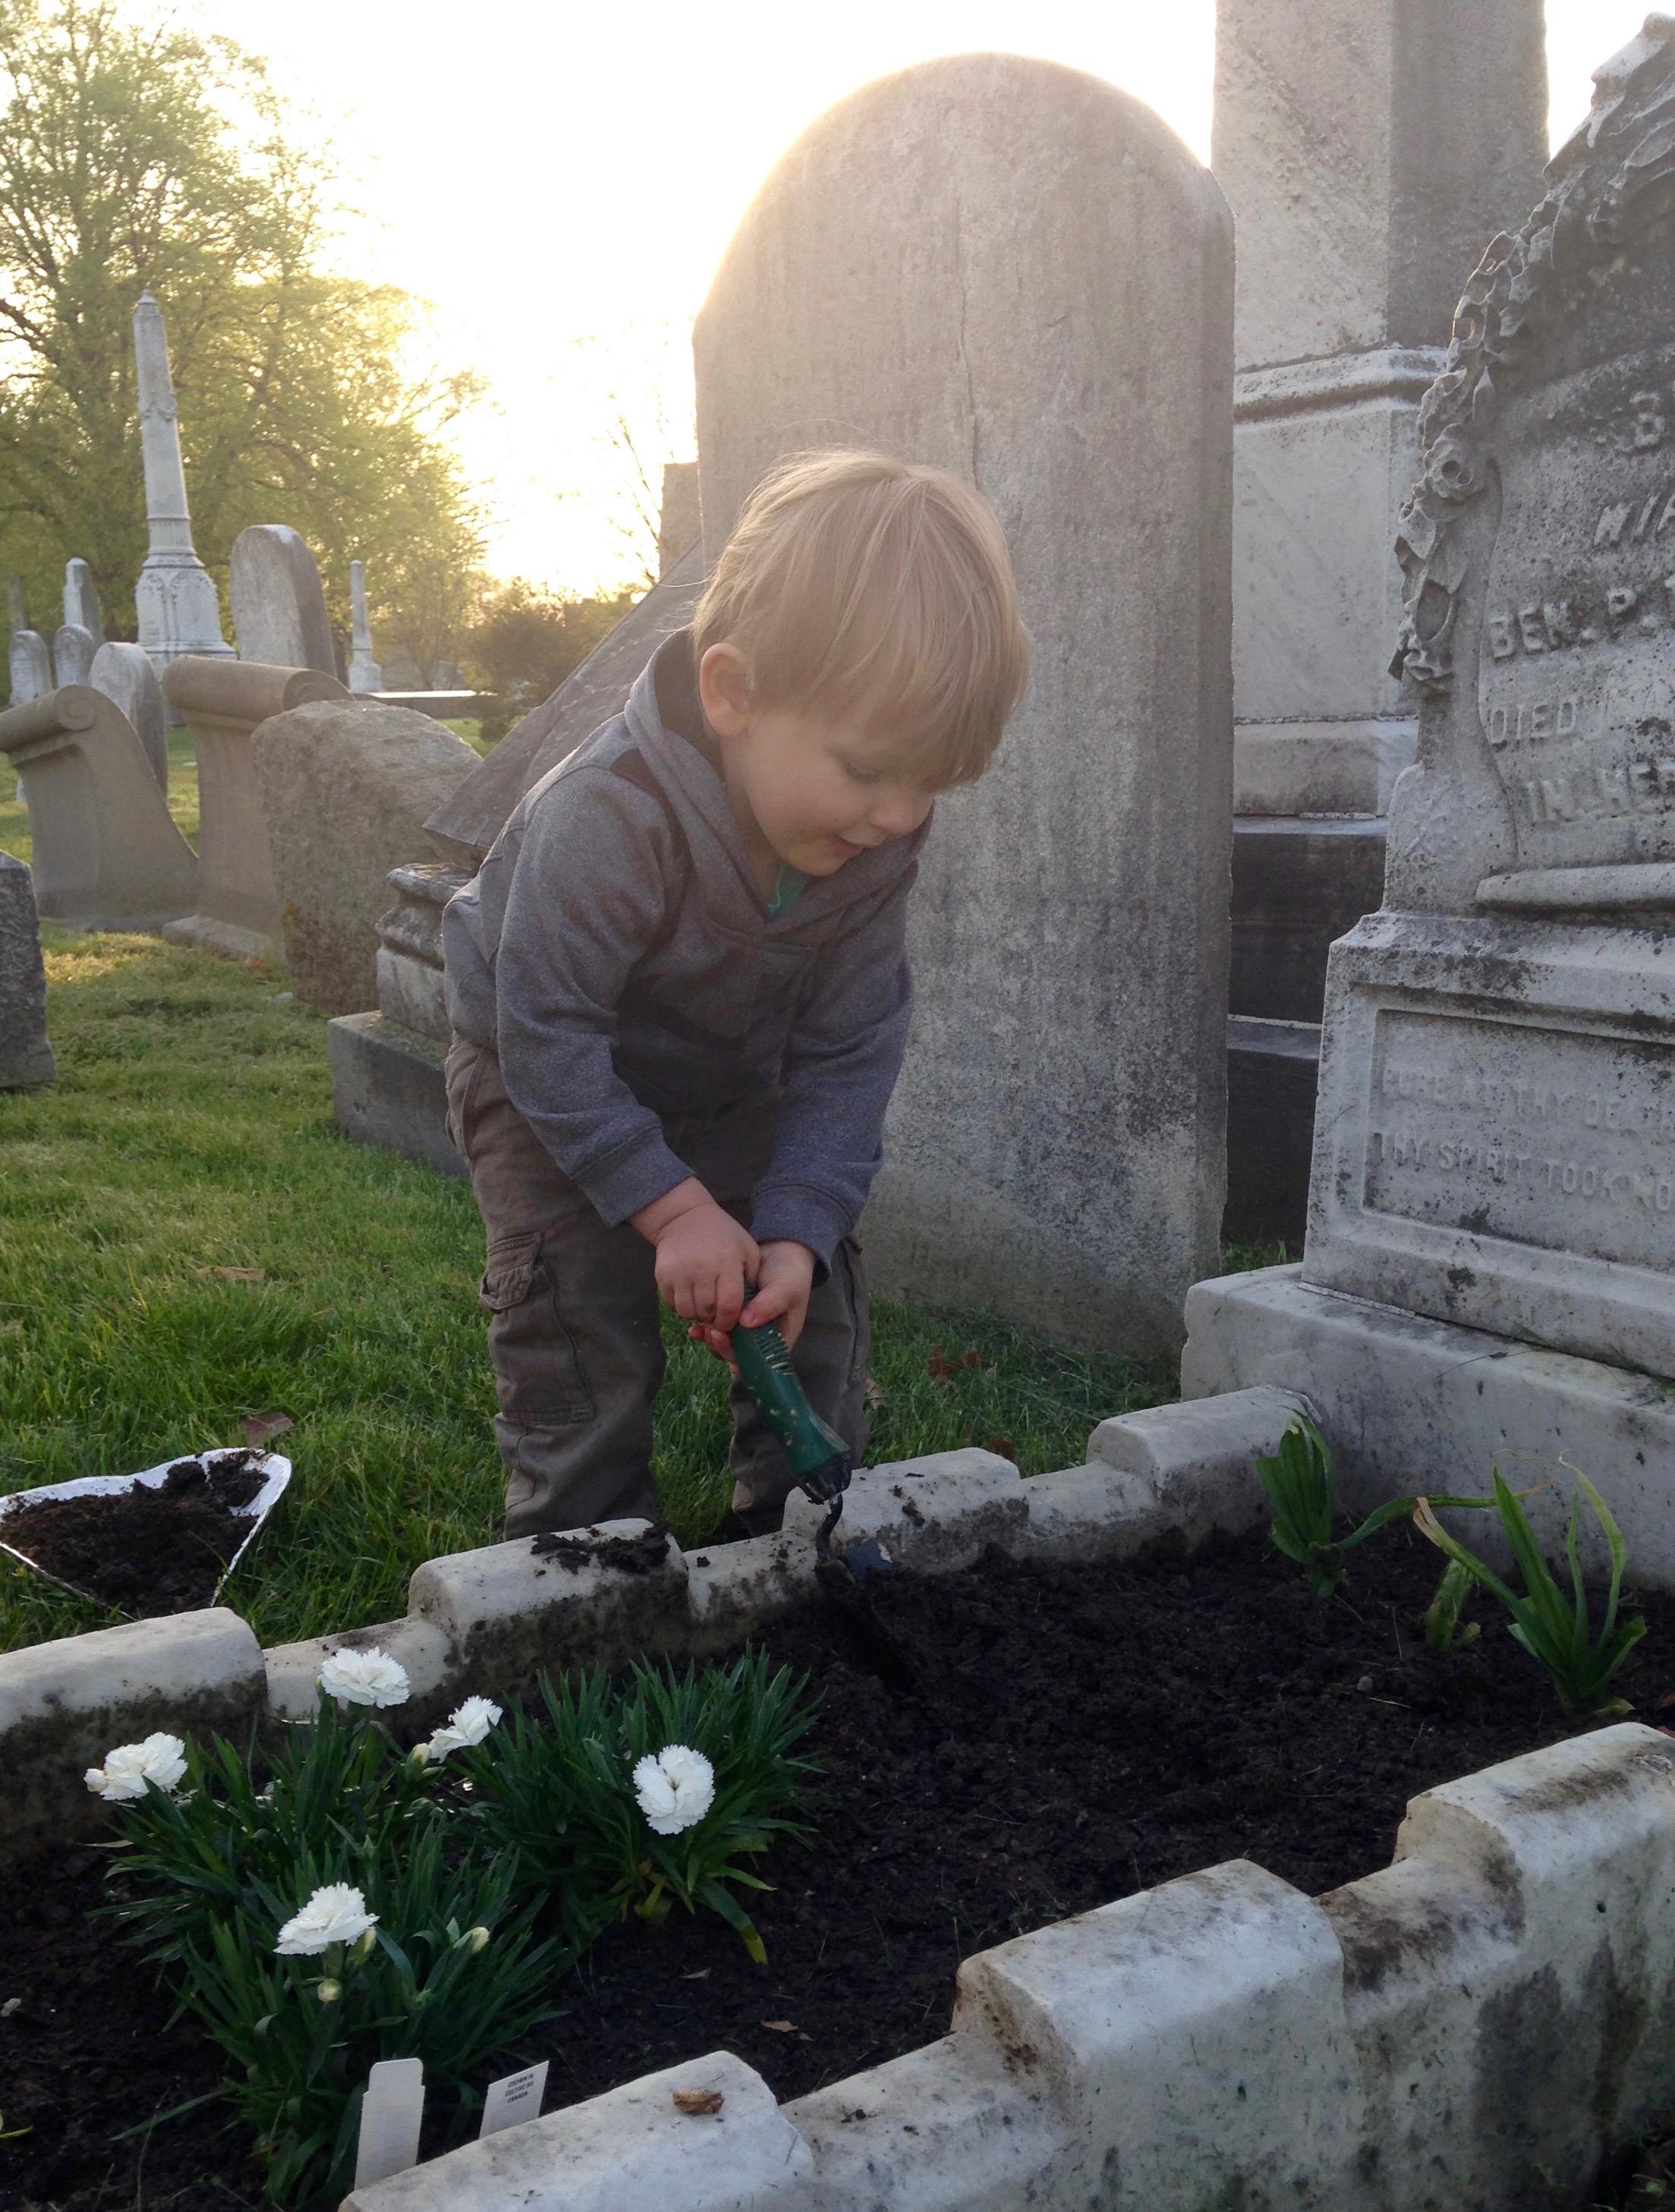 Bede gardening.jpg